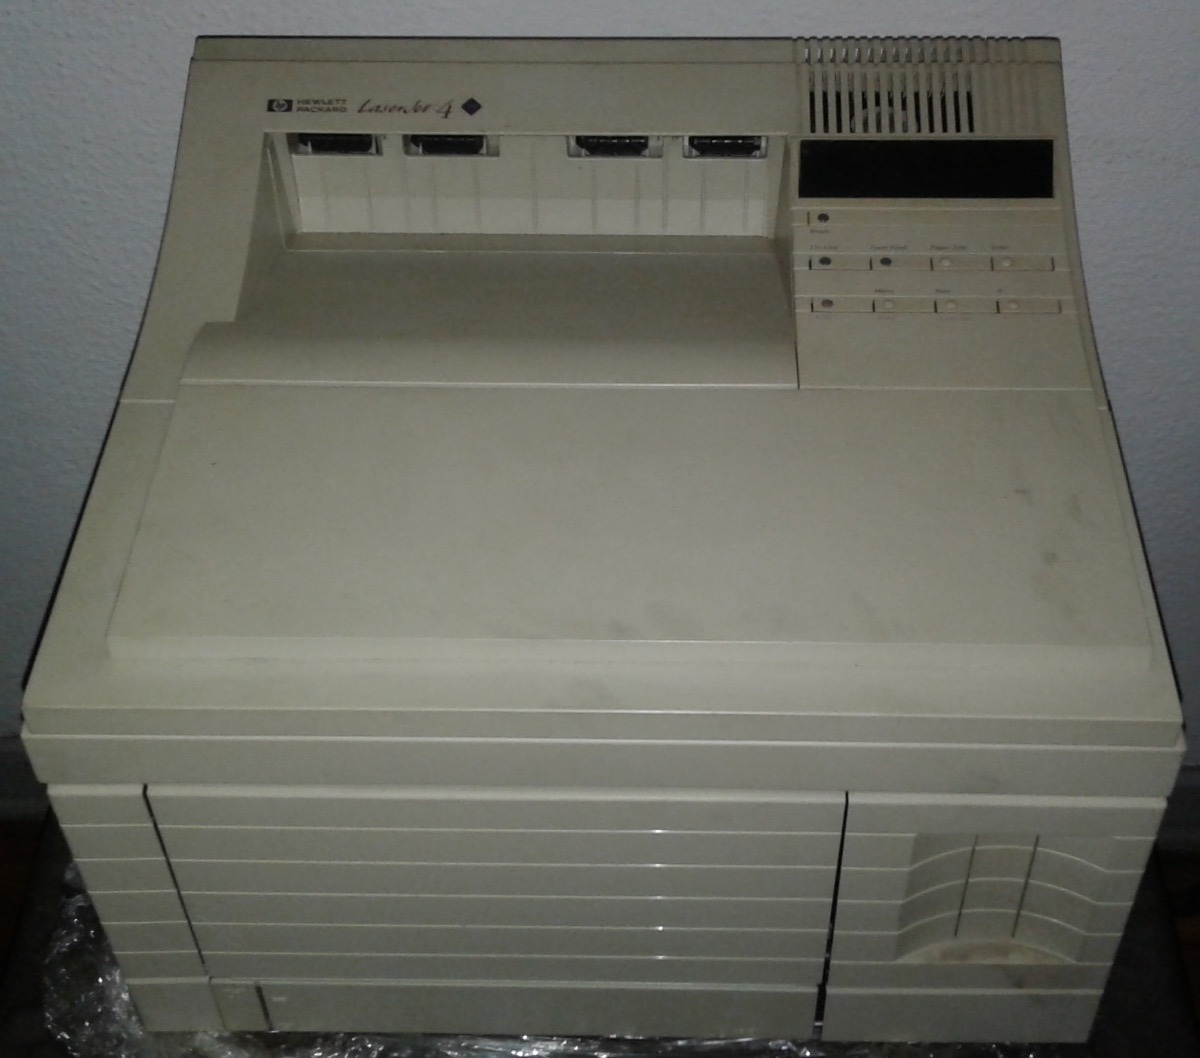 HP LASERJET 4 C2001A 64BIT DRIVER